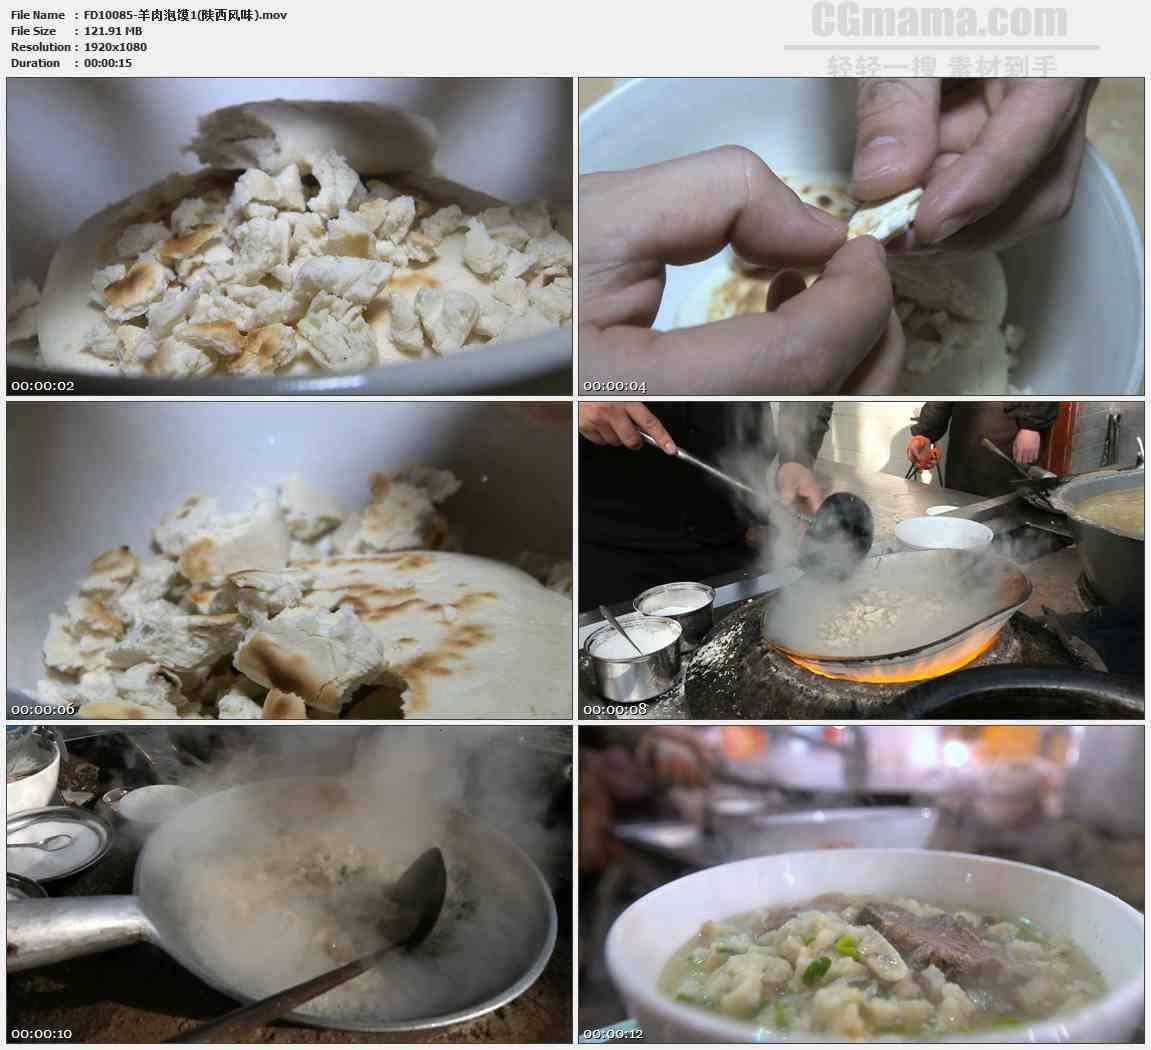 FD10085-羊肉泡馍陕西山西西安名吃高清实拍视频素材